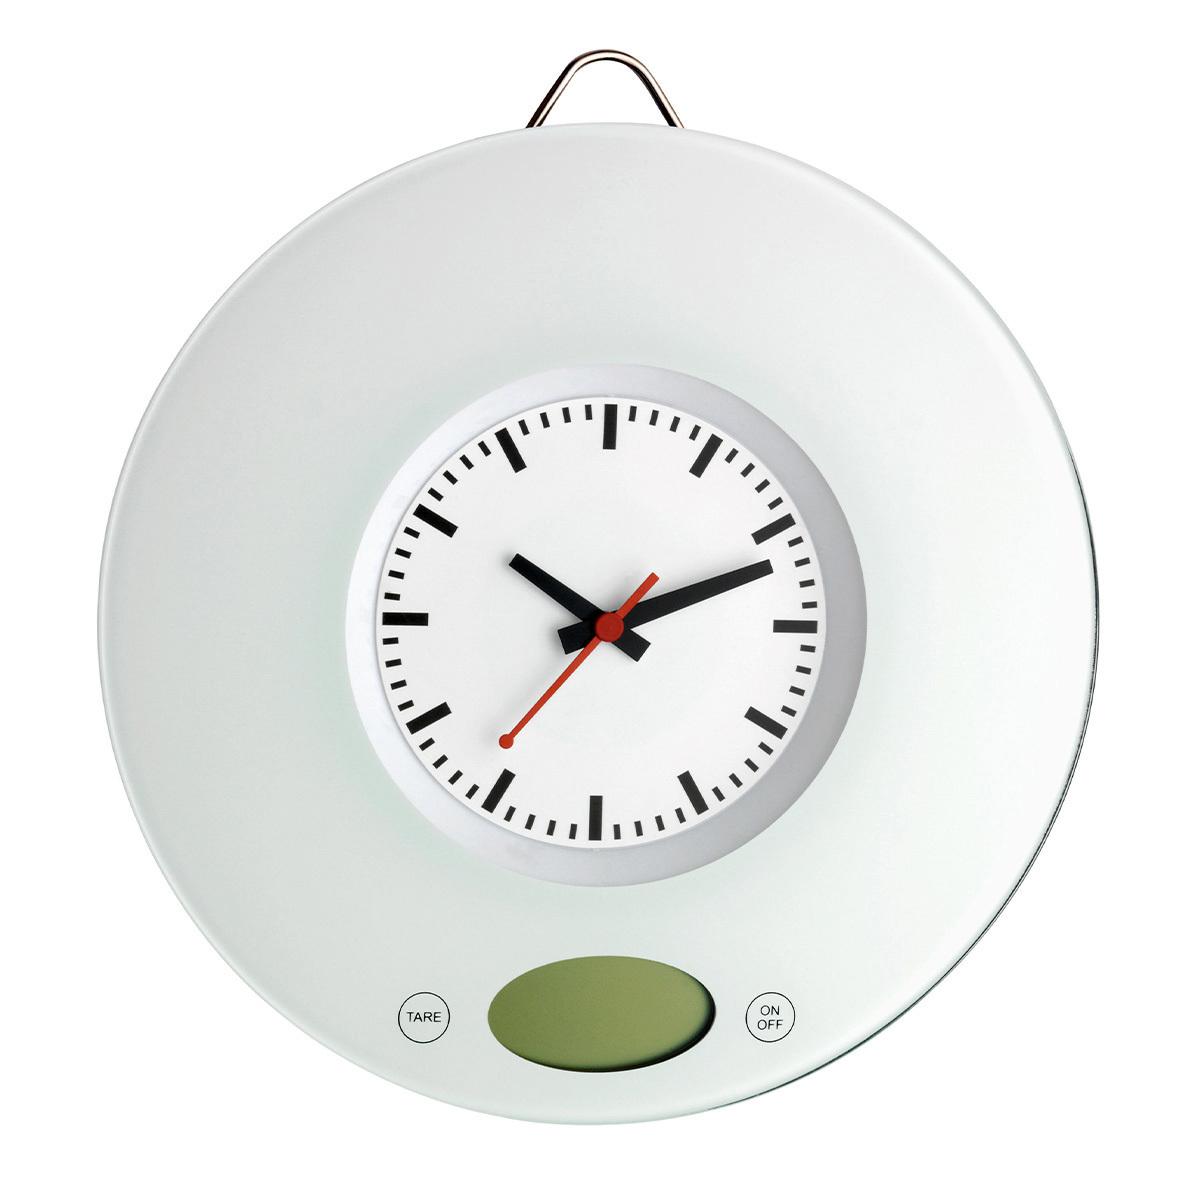 60-3002-digitale-design-küchenwaage-mit-analoger-quarzuhr-1200x1200px.jpg